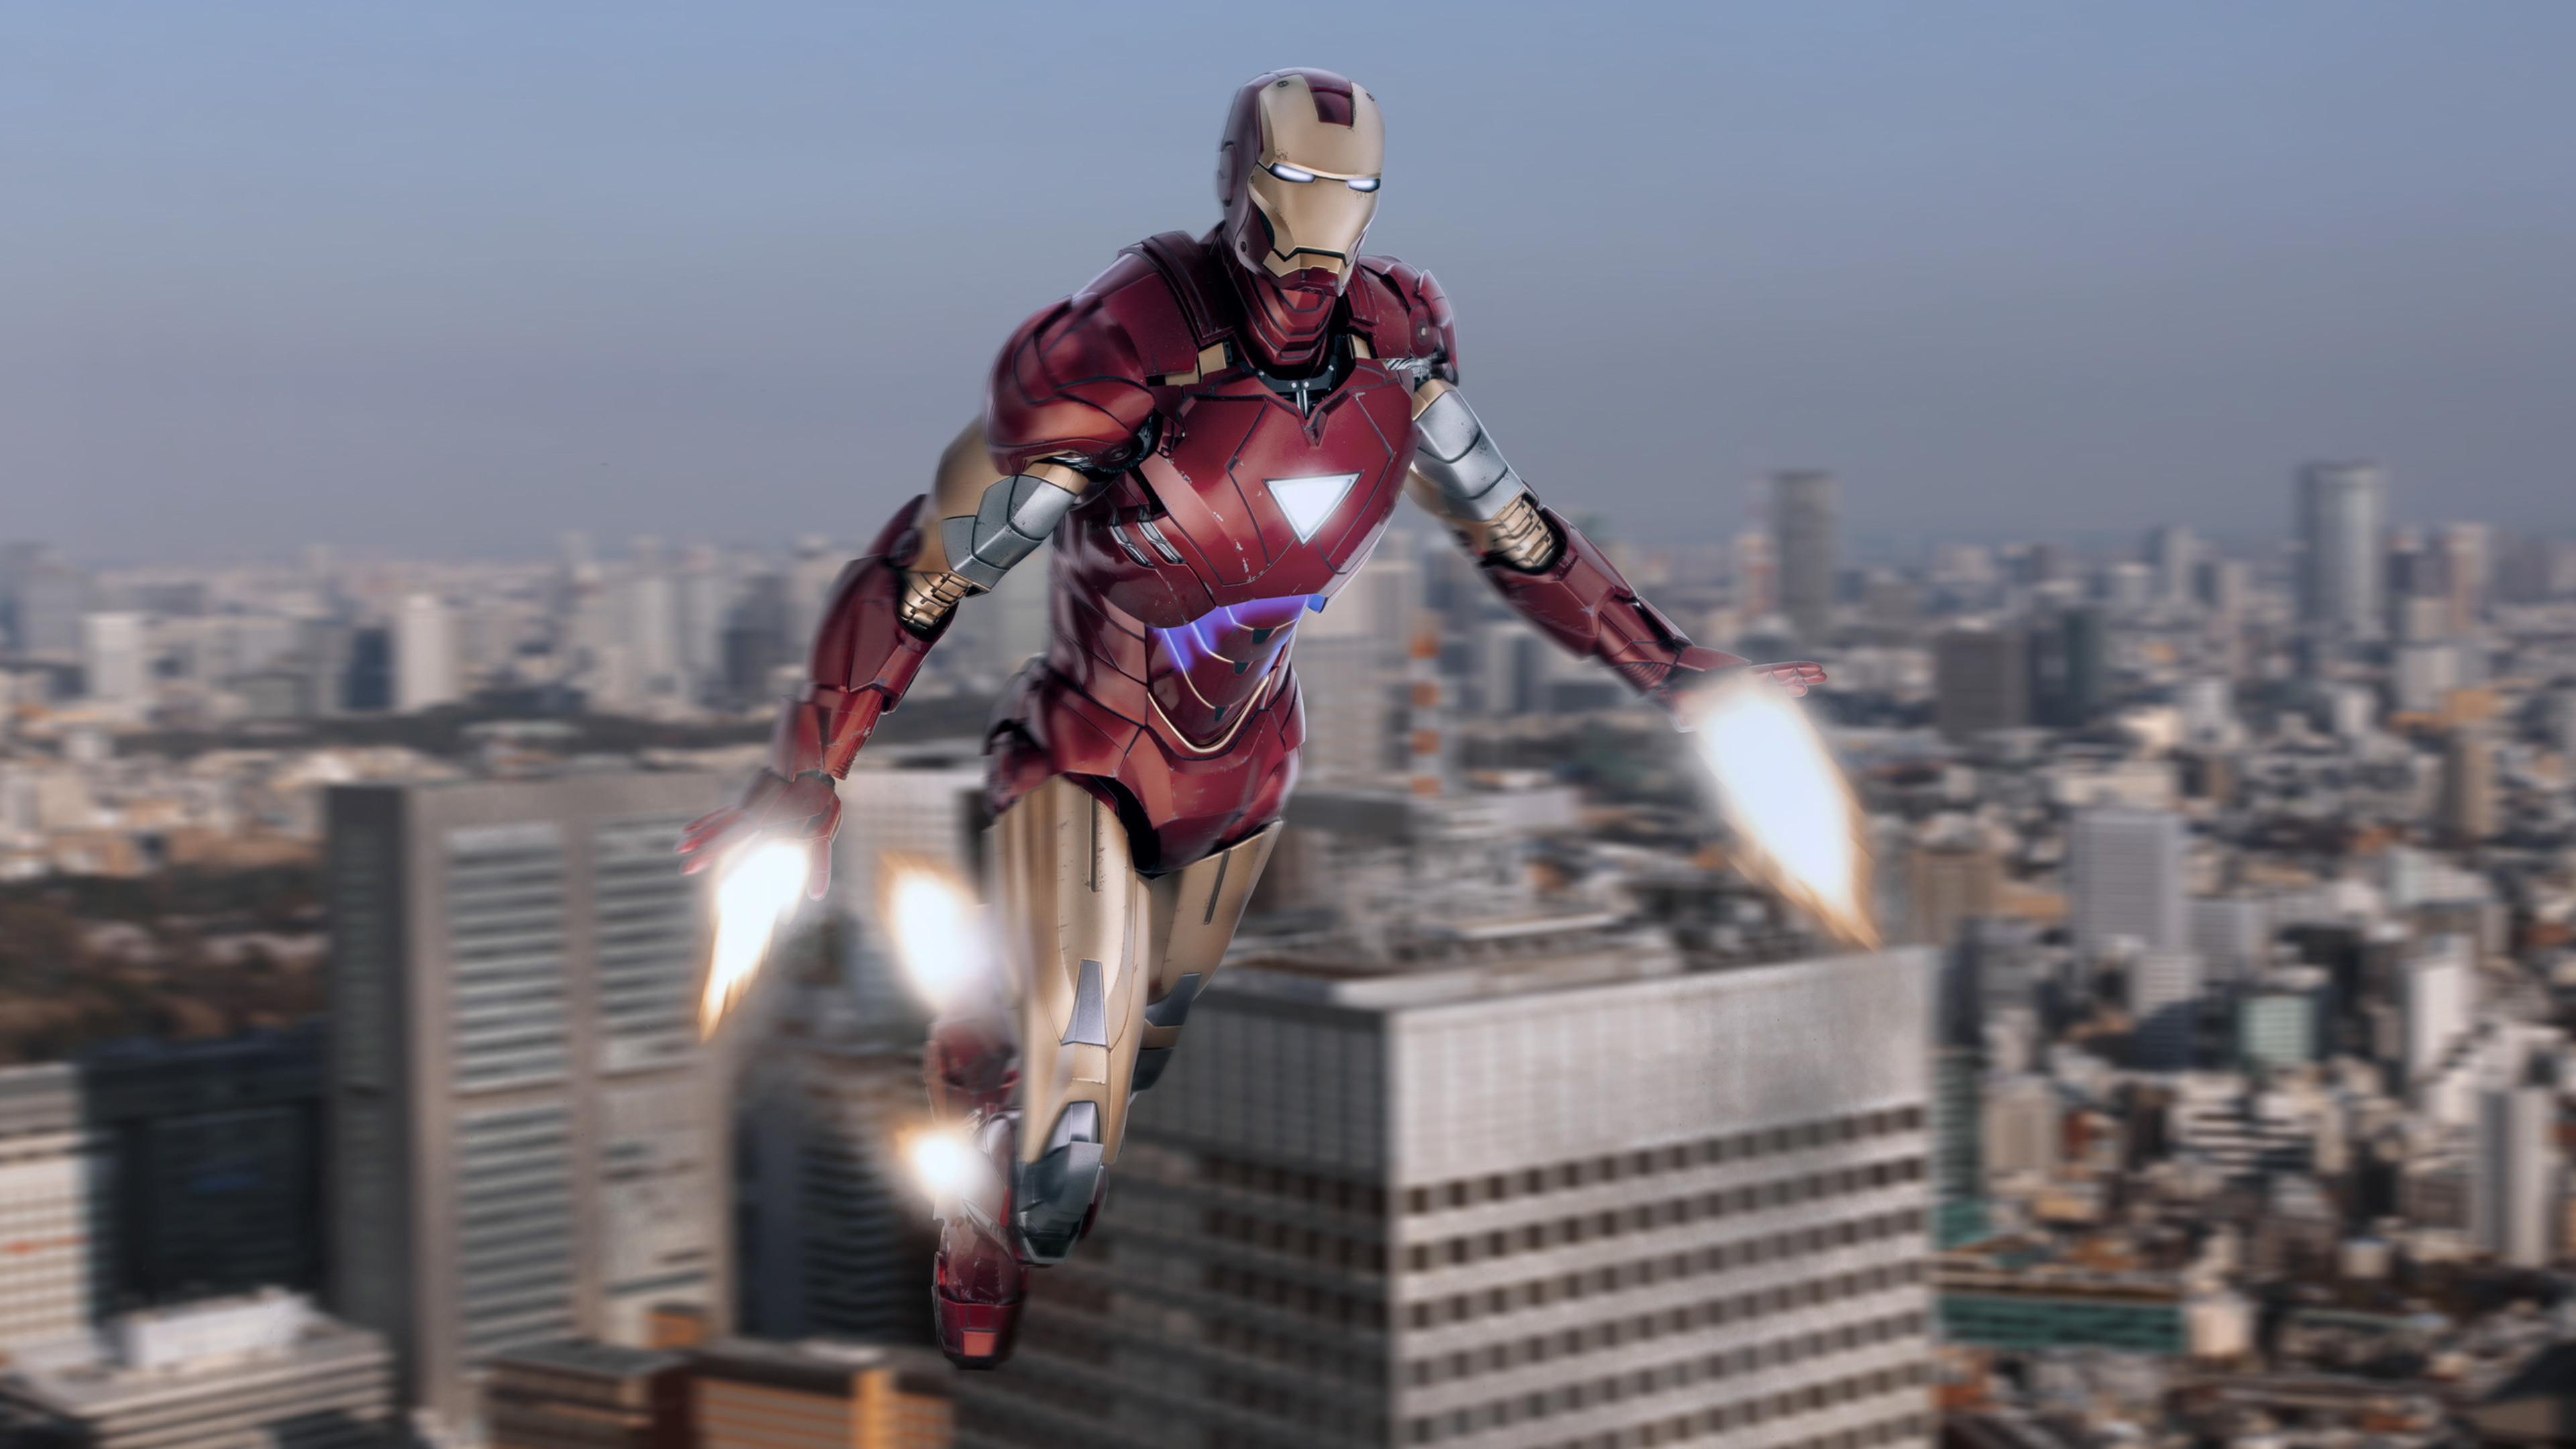 out world iron man 1565052914 - Out World Iron Man - superheroes wallpapers, iron man wallpapers, hd-wallpapers, digital art wallpapers, artwork wallpapers, artist wallpapers, 4k-wallpapers